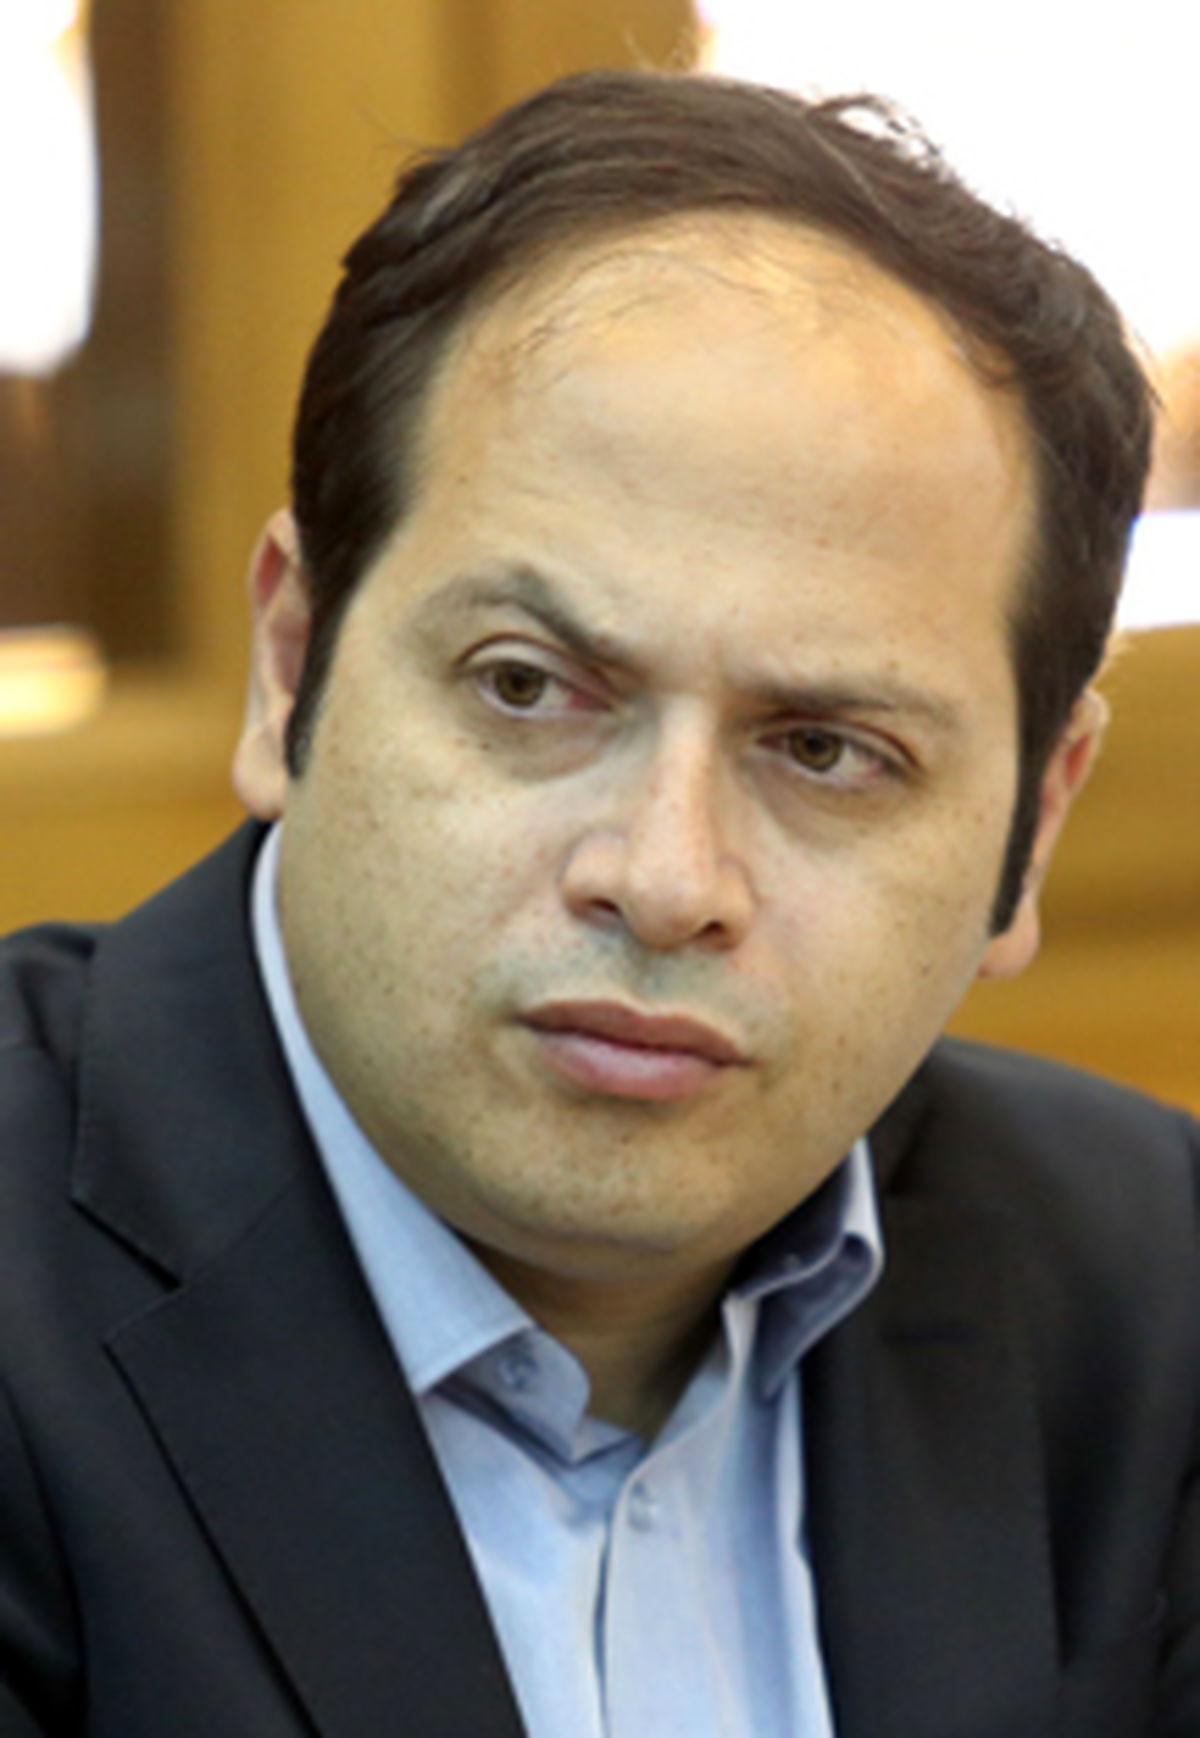 کارگروه اقدام مشترک برای رفع بوی نامطبوع تهران تشکیل شد